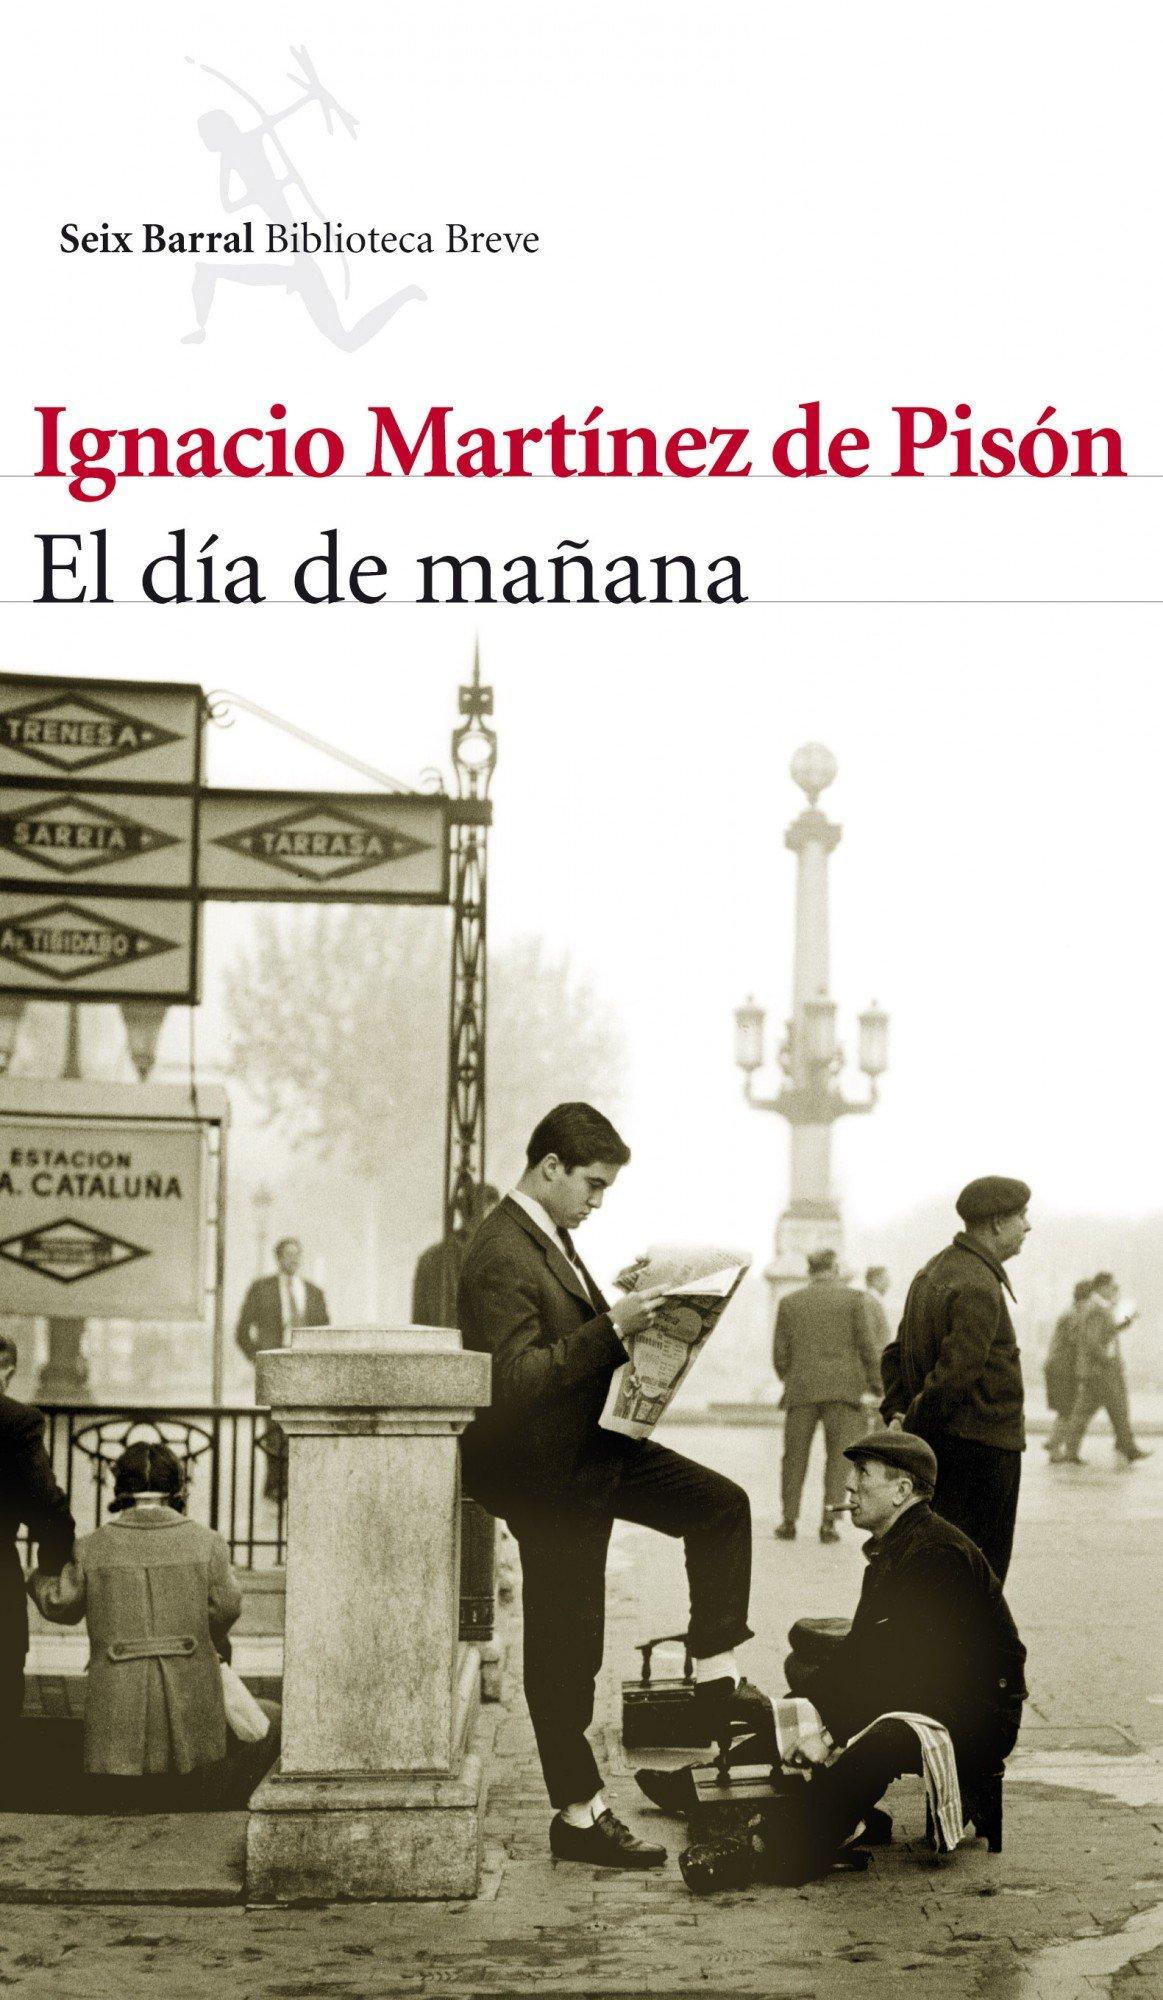 El día de mañana: Ignacio Martínez De Pisón